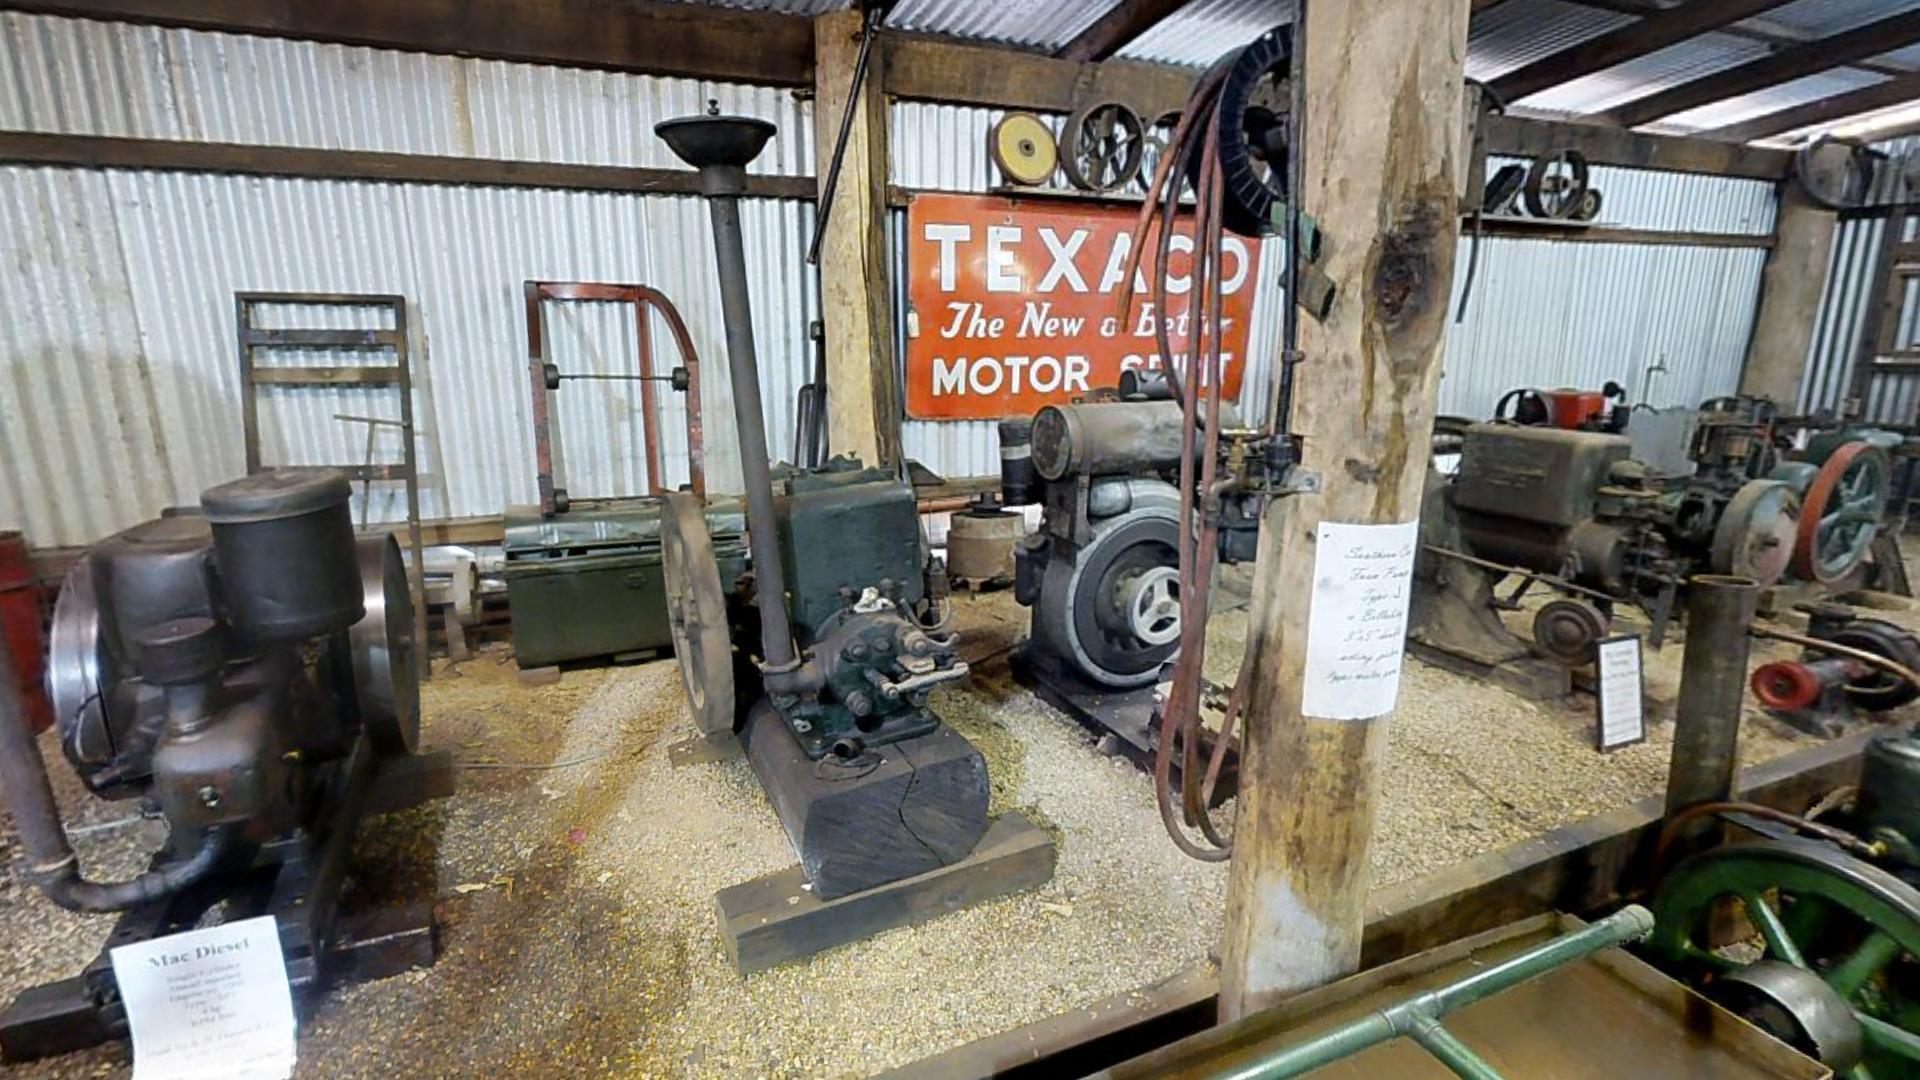 Queensland Steam & Vintage Machinery Museum